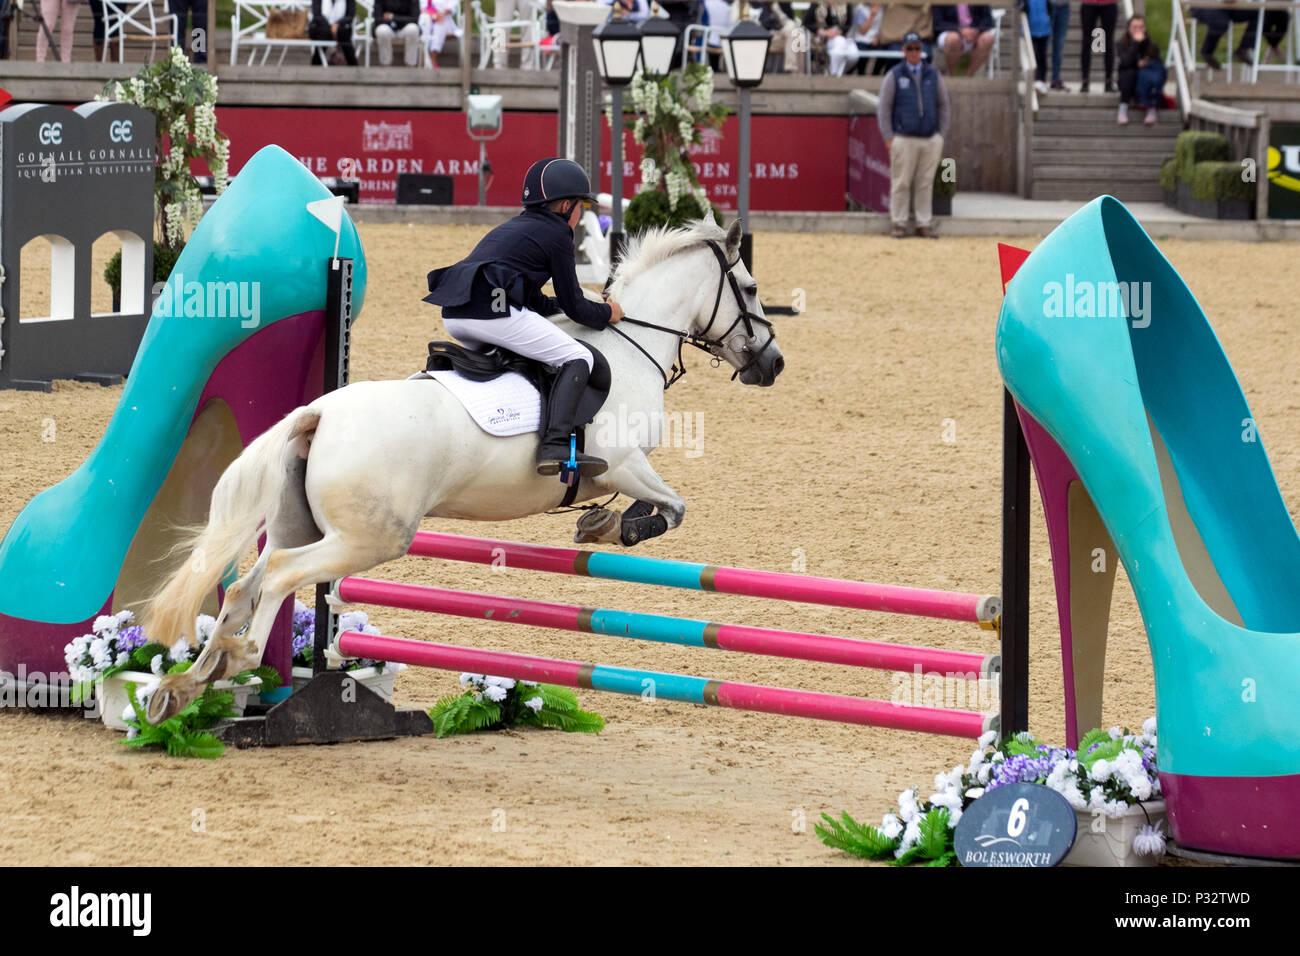 Jack Hewitt Bolesworth, Cheshire. 17/06/2018. Childens show jumping in gara la Invitational Mini relè principali. Cavallo, recinzione, equestre, animale, sport, concorrenza, jump, equine, pilota, show, ostacolo, ostacolo, cavallo, evento stallone, campione, jumping, jockey, equitazione, equitazione, il cavaliere. Credito/MediaWorldImages AlamyLiveNews. Immagini Stock